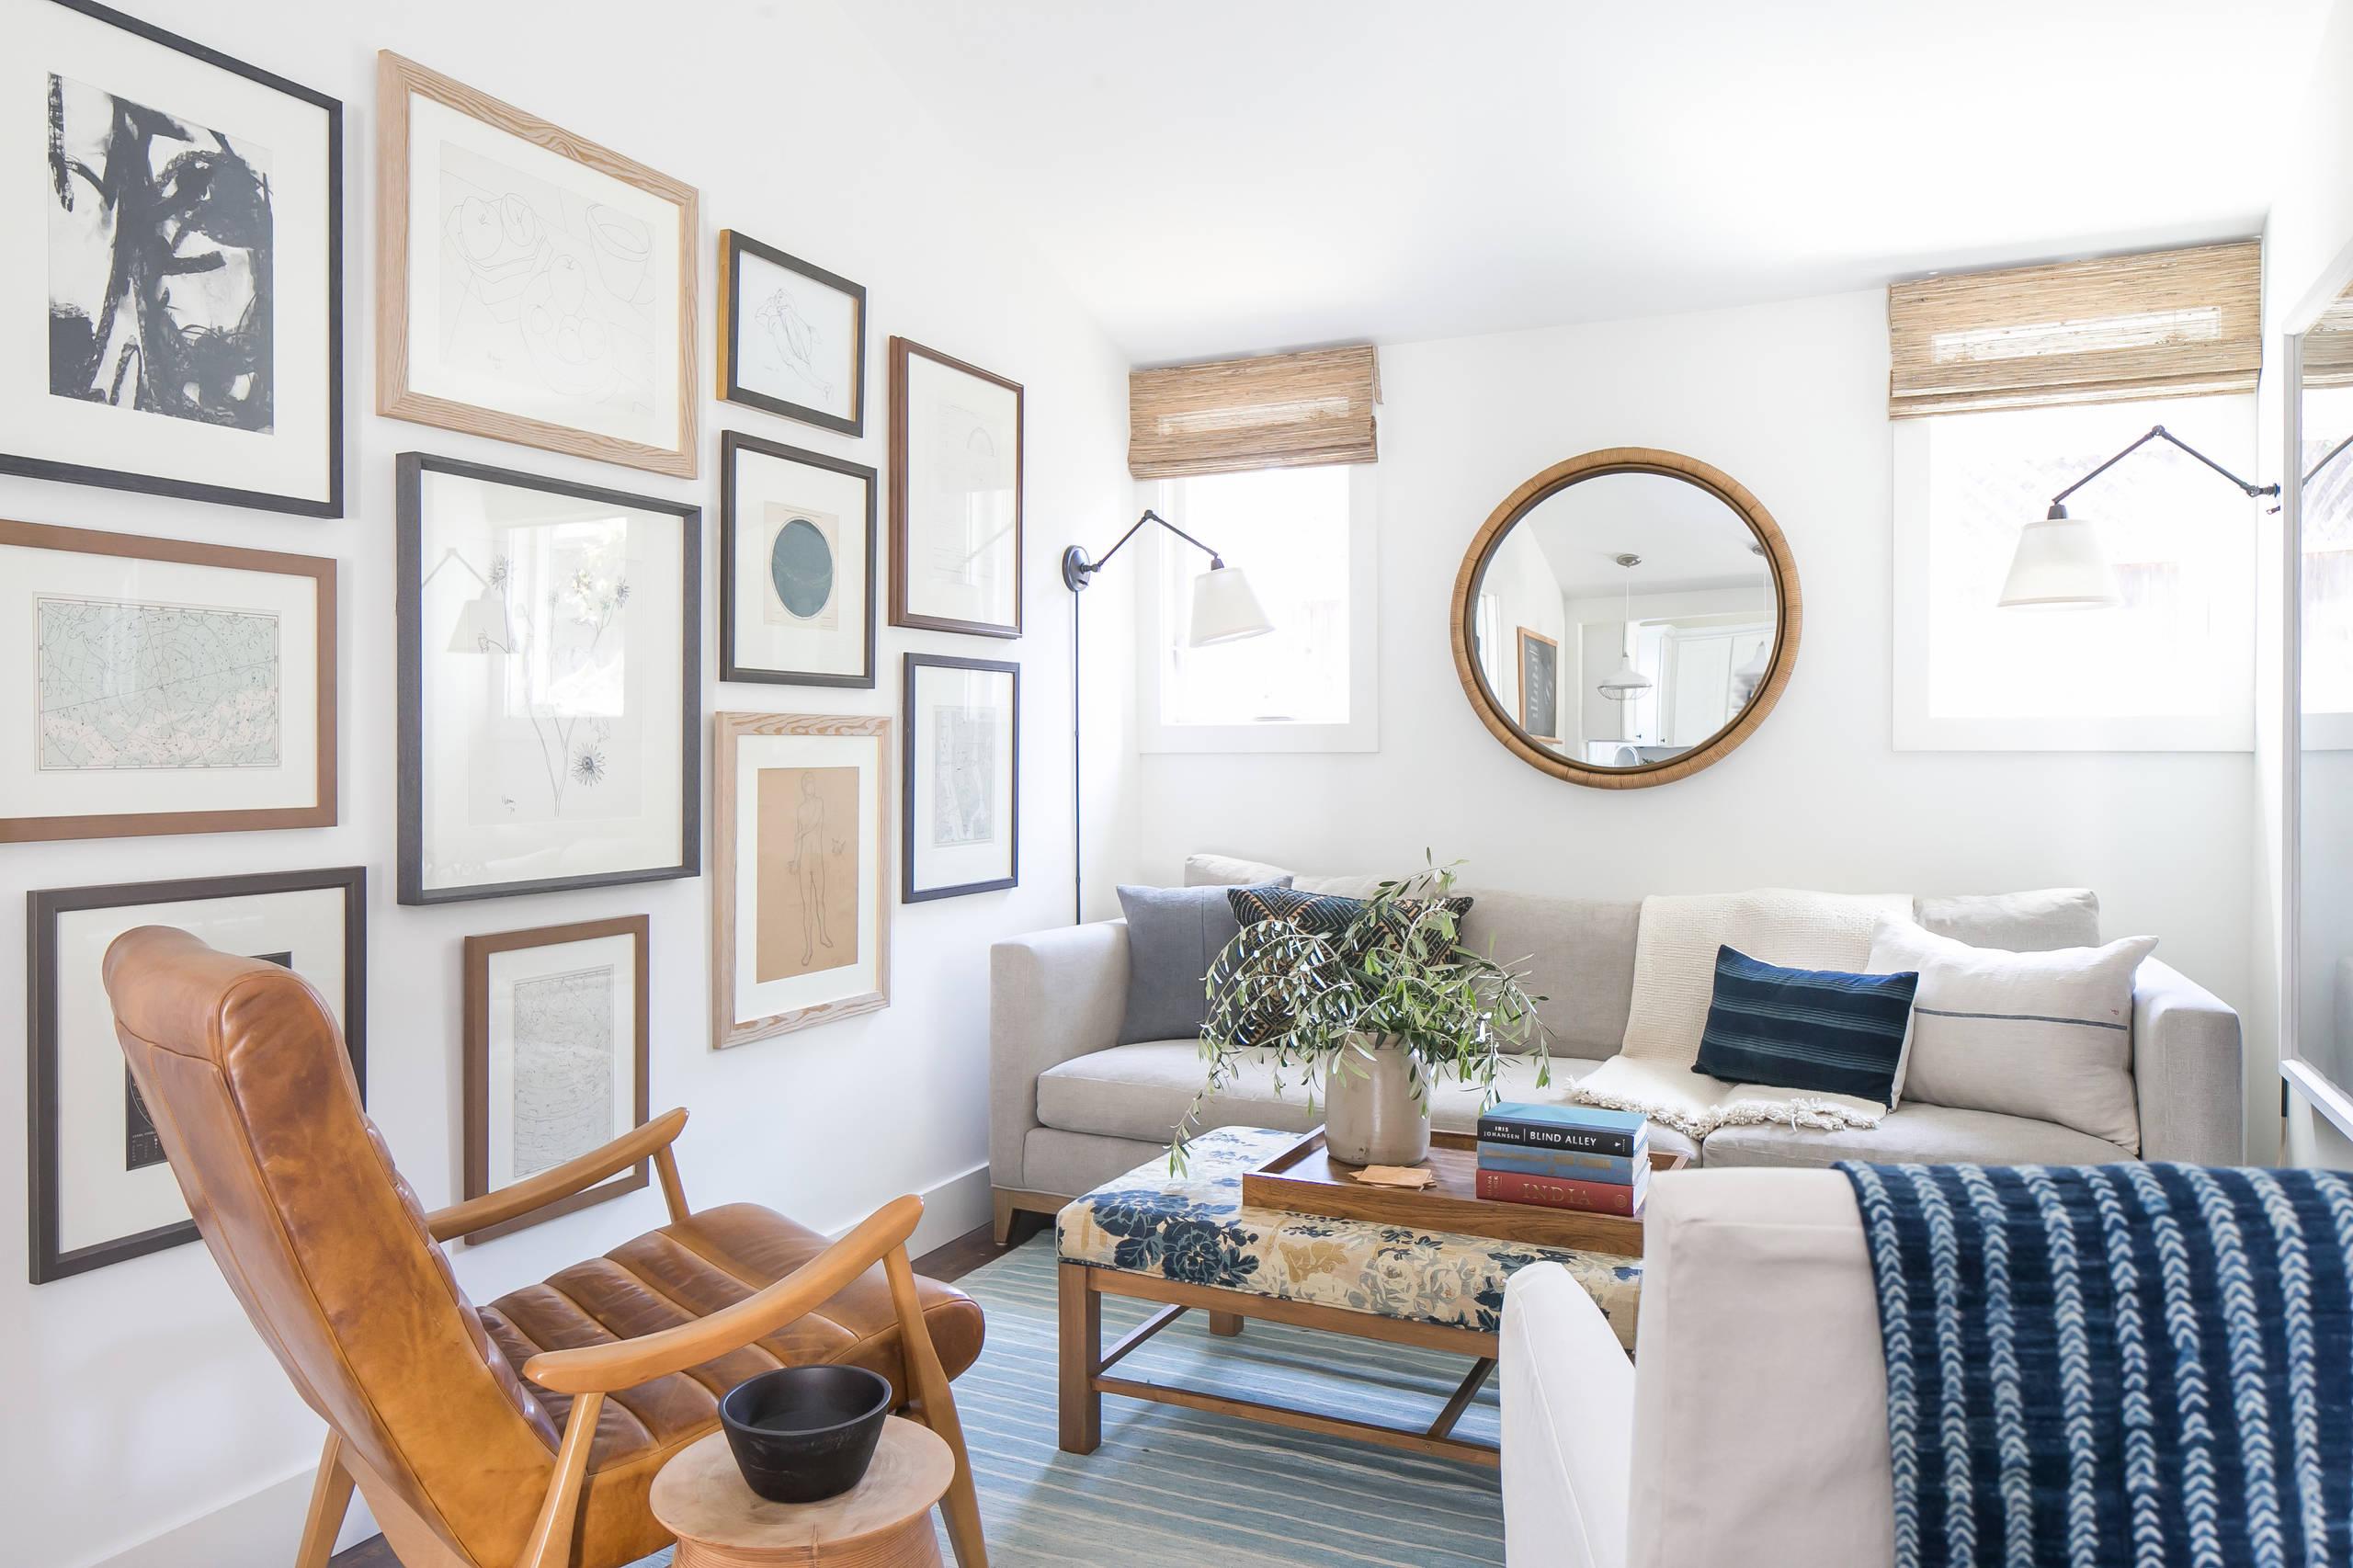 В комнате, которая имеет вытянутую форму прямоугольника , диван лучше всего разместить у наименьшей стены